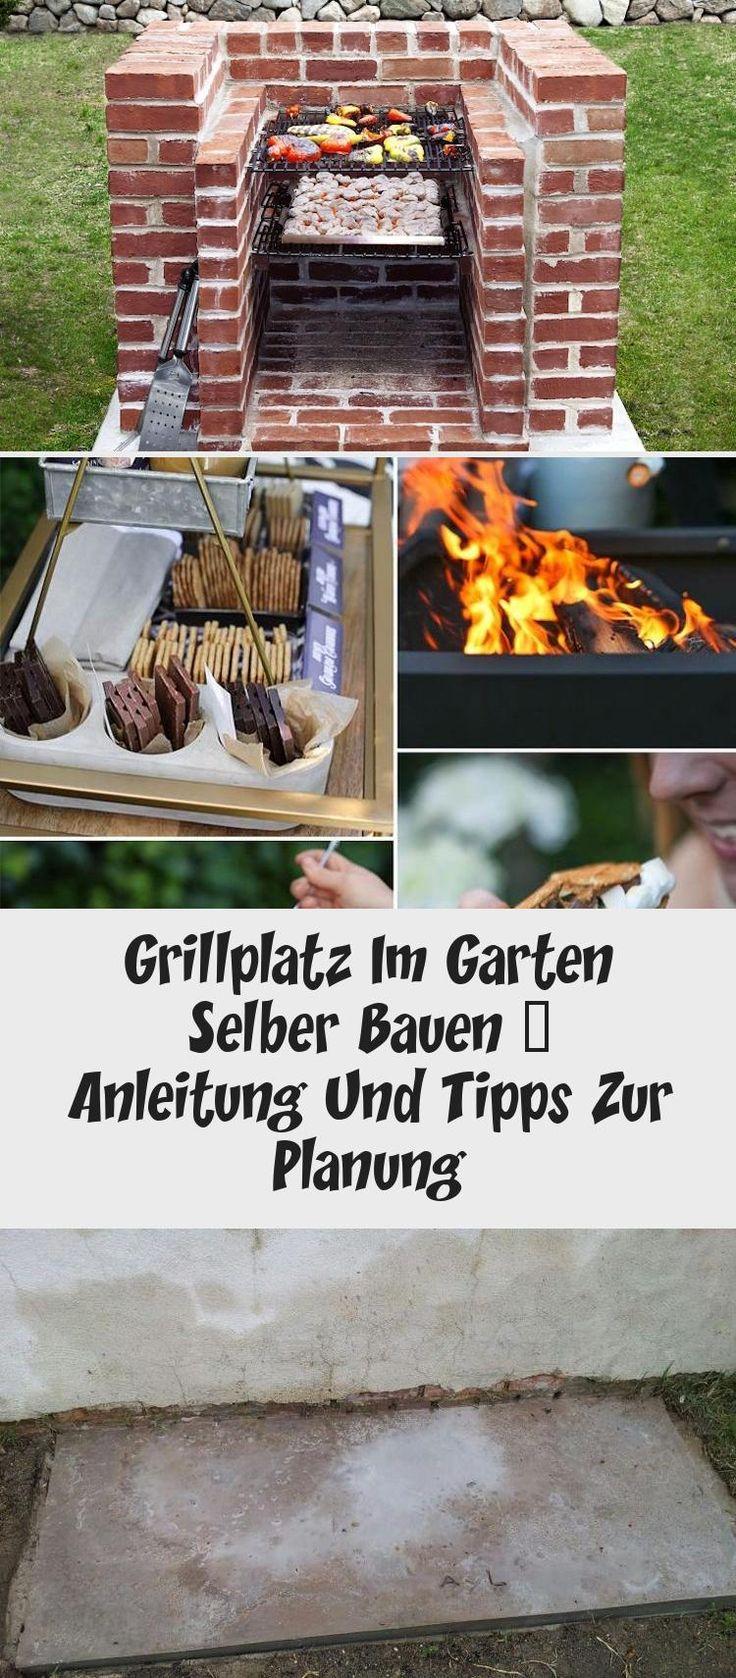 Grillplatz Im Garten Selber Bauen